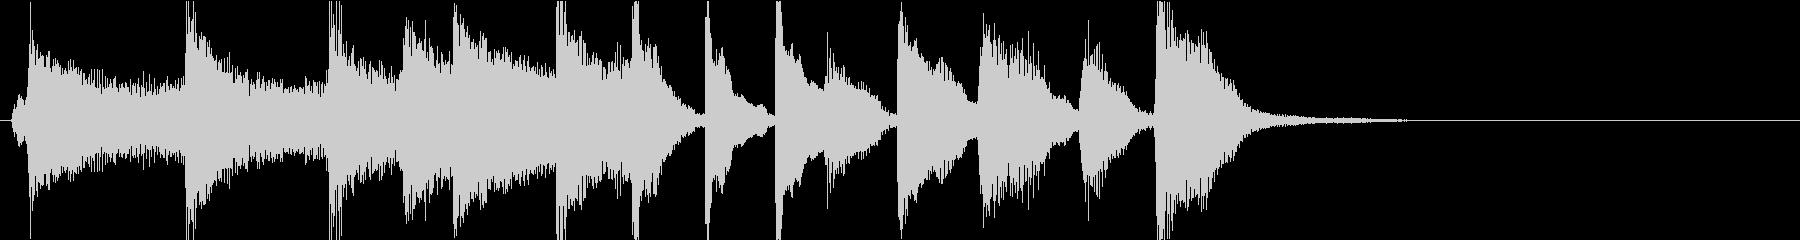 はねたリズムで軽快なピアノソロジングルの未再生の波形